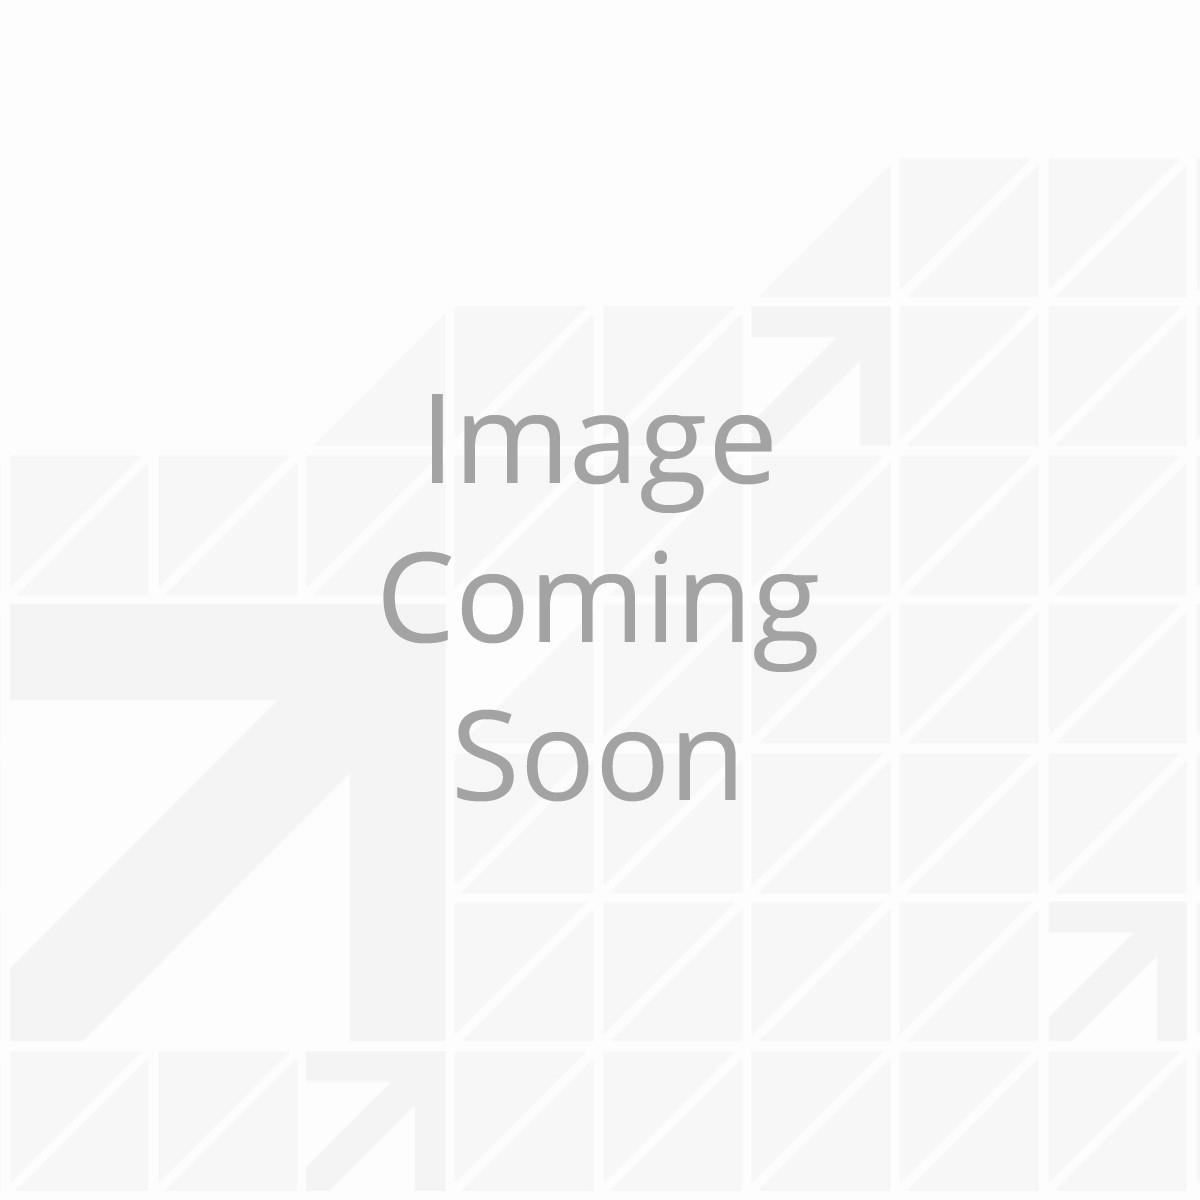 """Cotter Pin for Lippert Axle Assemblies; .25"""" x 2.25"""""""